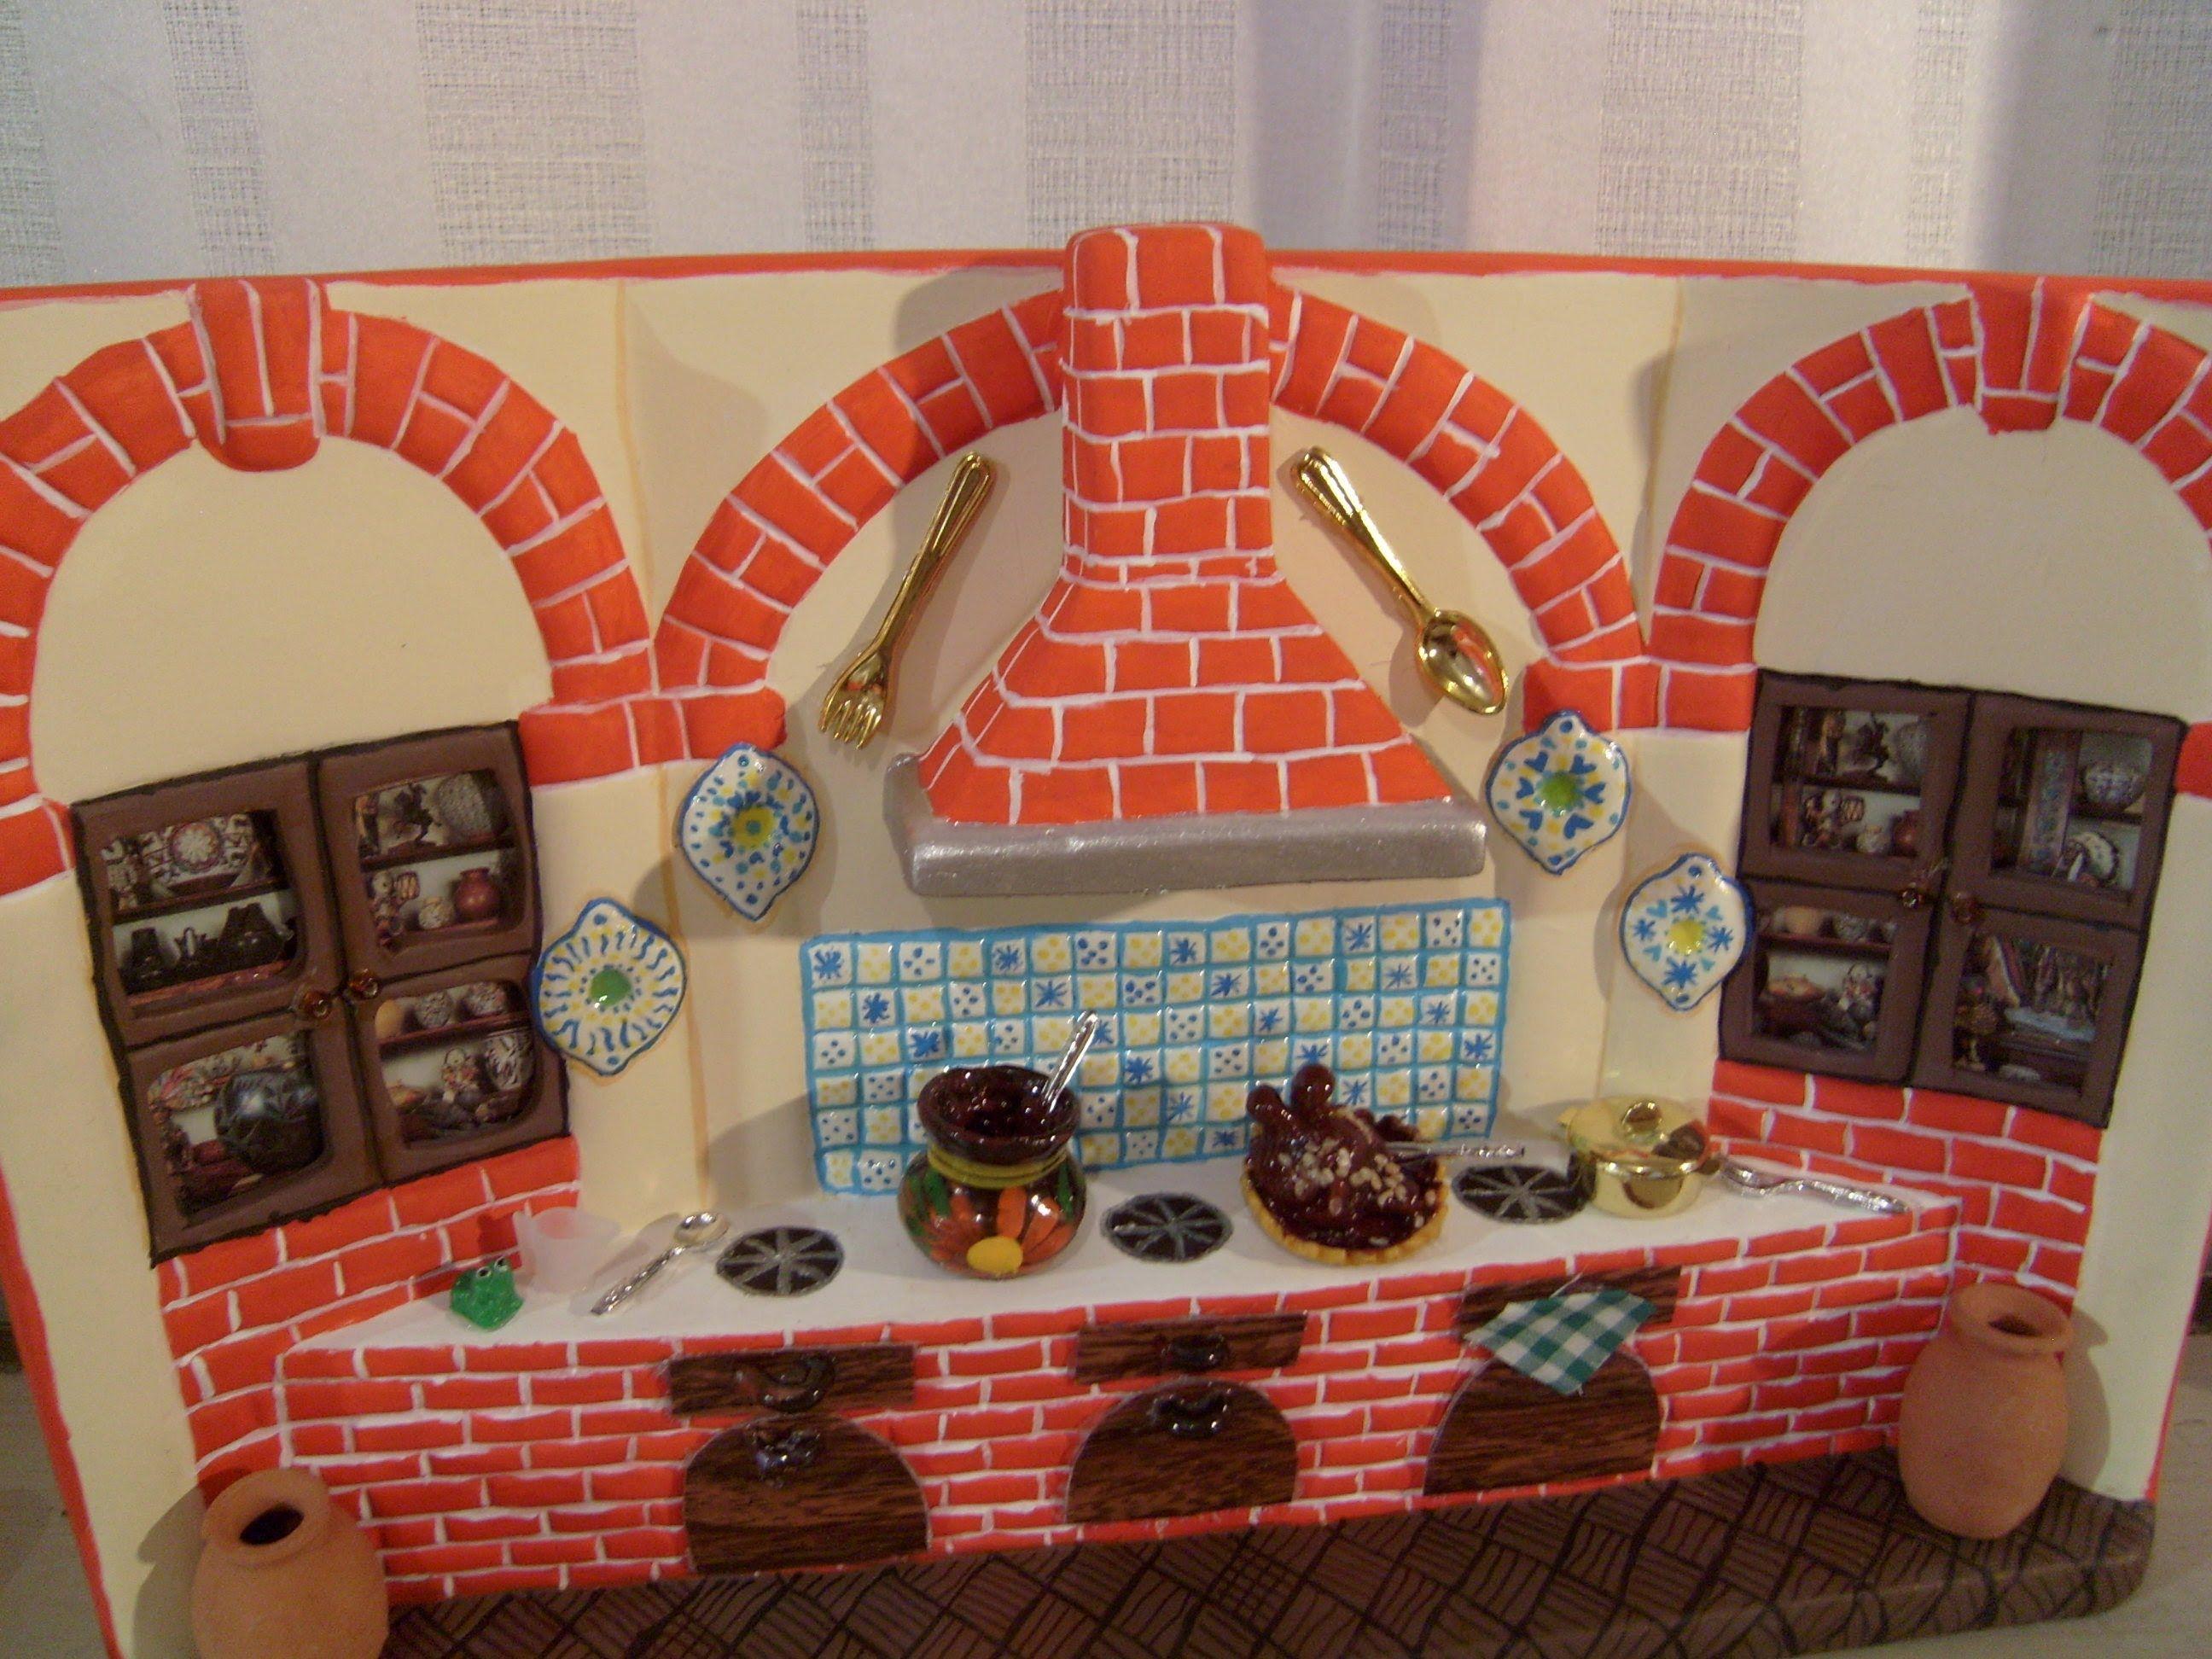 Diy Cómo Pintar Una Cocina De Cerámica Con Adornos Tipo Talavera 9 De 9 Casitas De Ceramica Decorar Tejas Manualidades